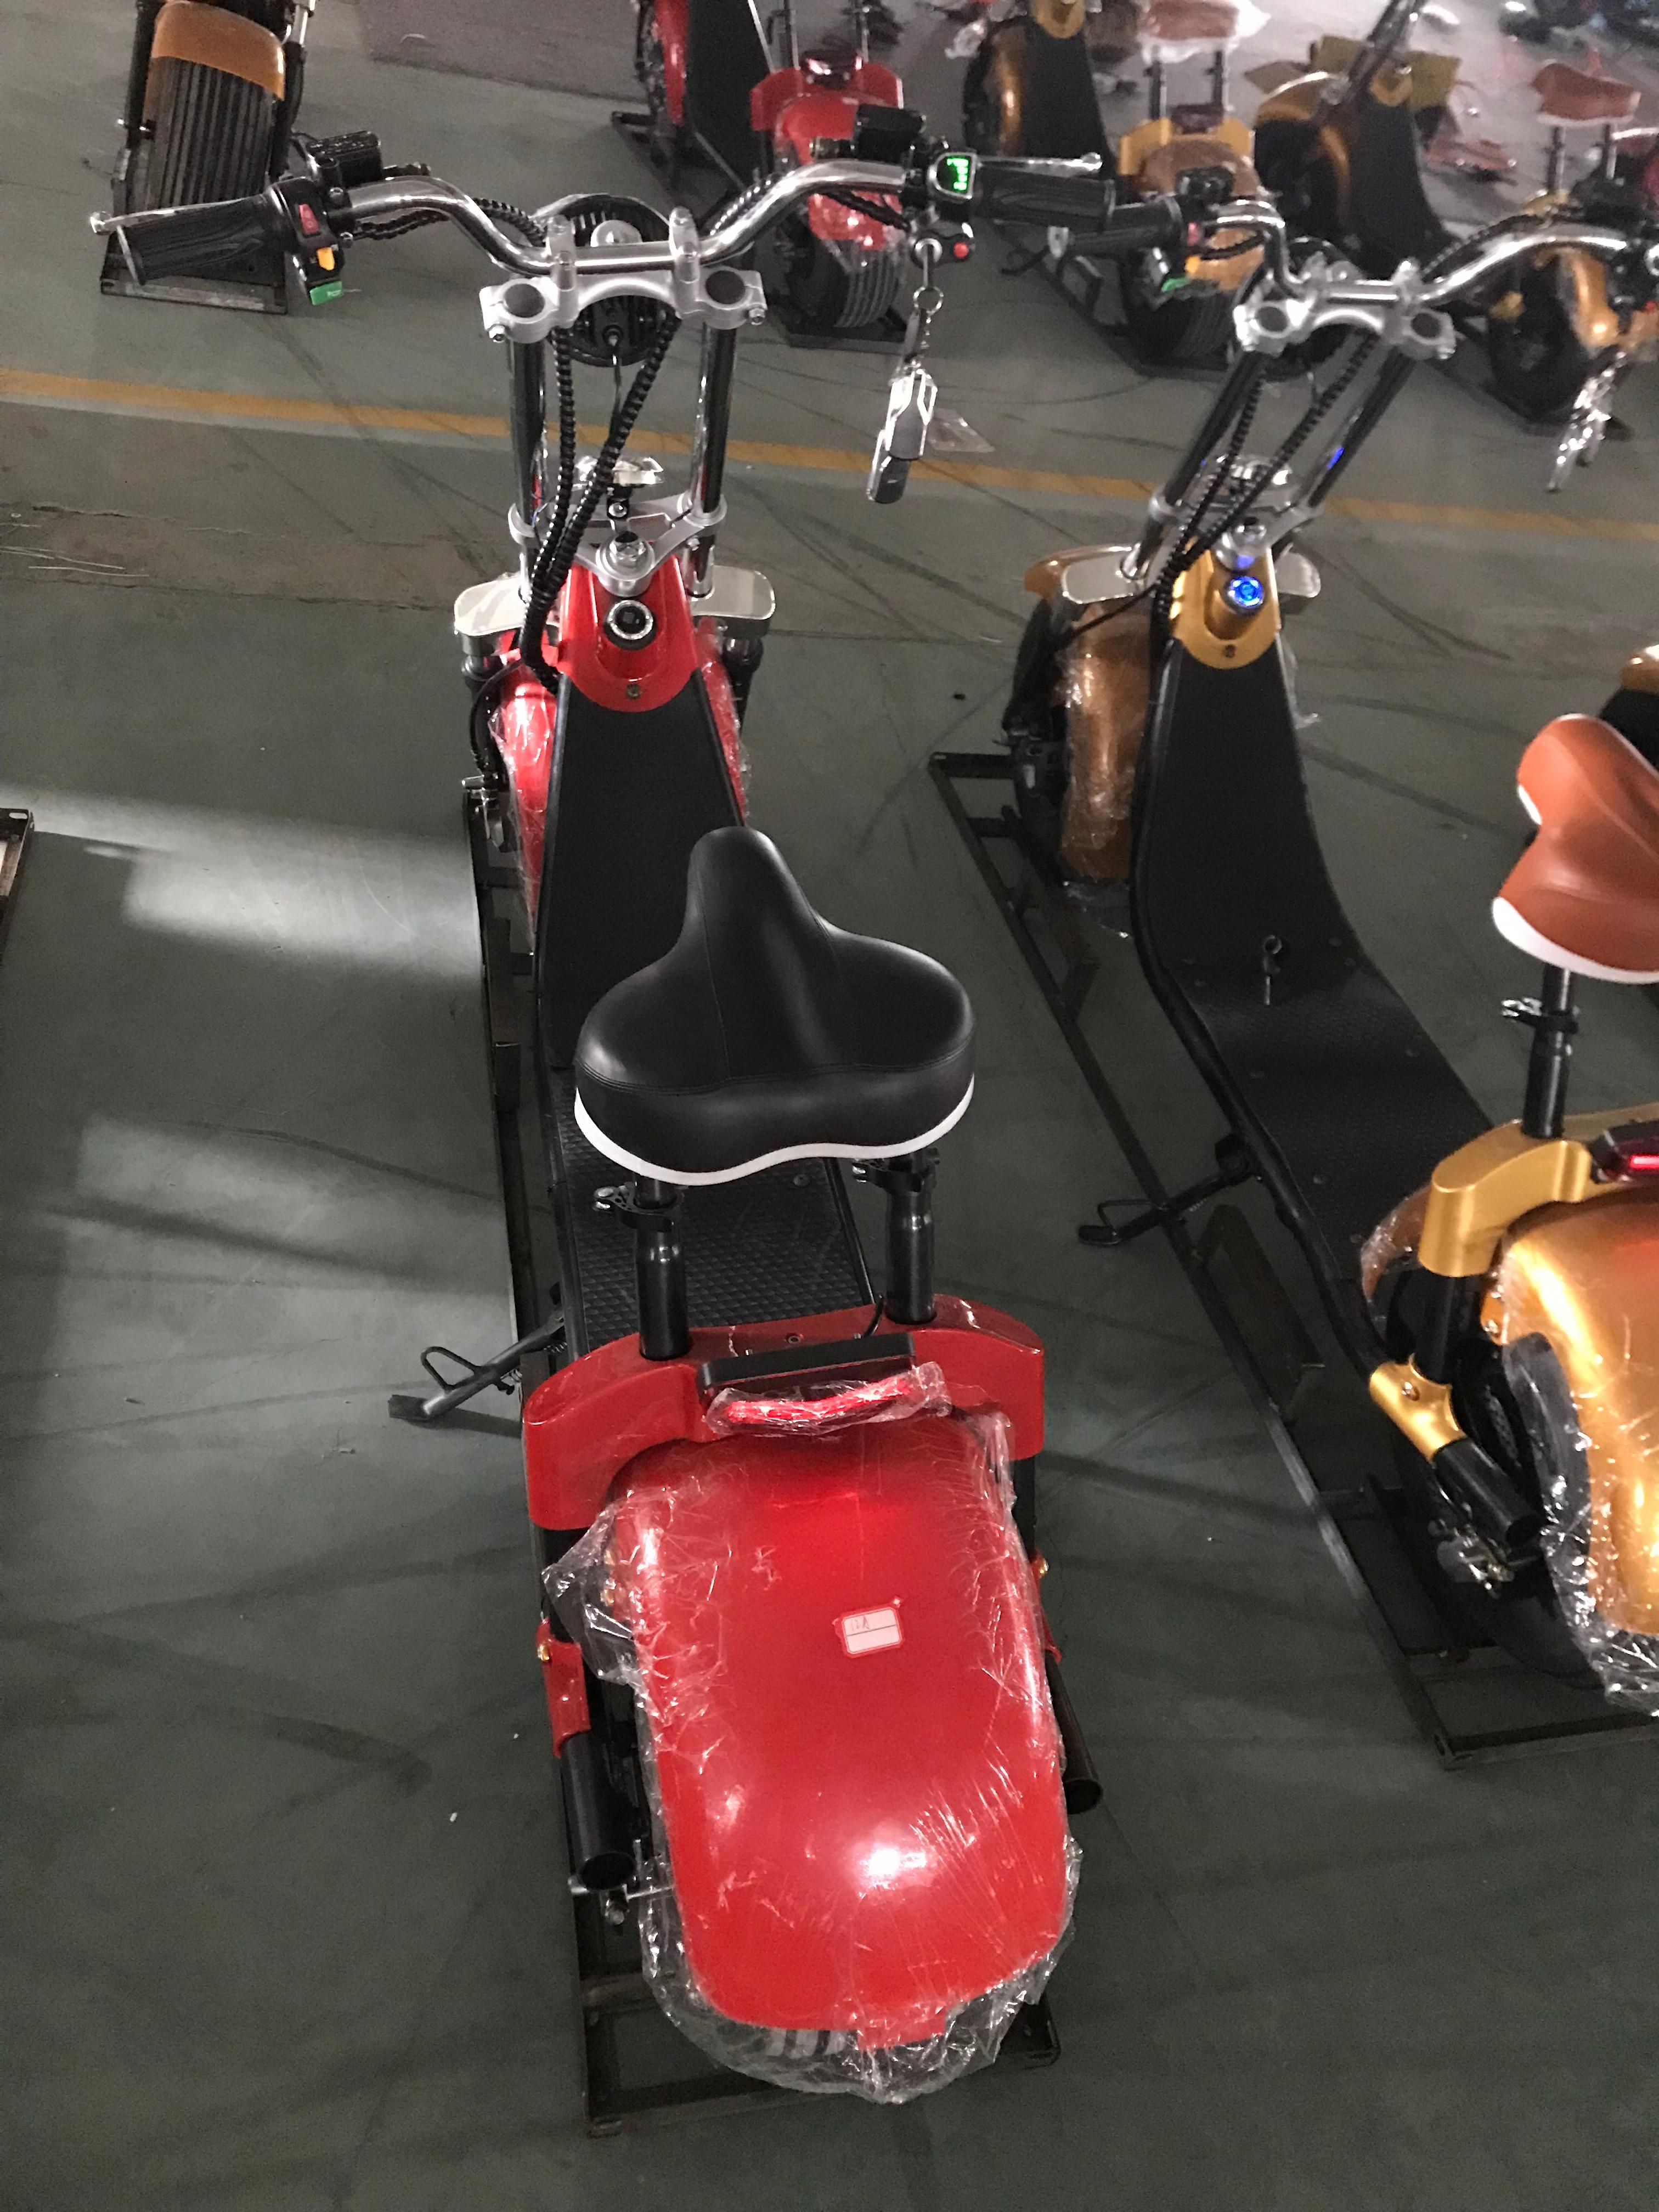 Sc10 pro 1500 w 60 v 12ah batterie amovible citycoco hors route scooter électrique navire de hollande